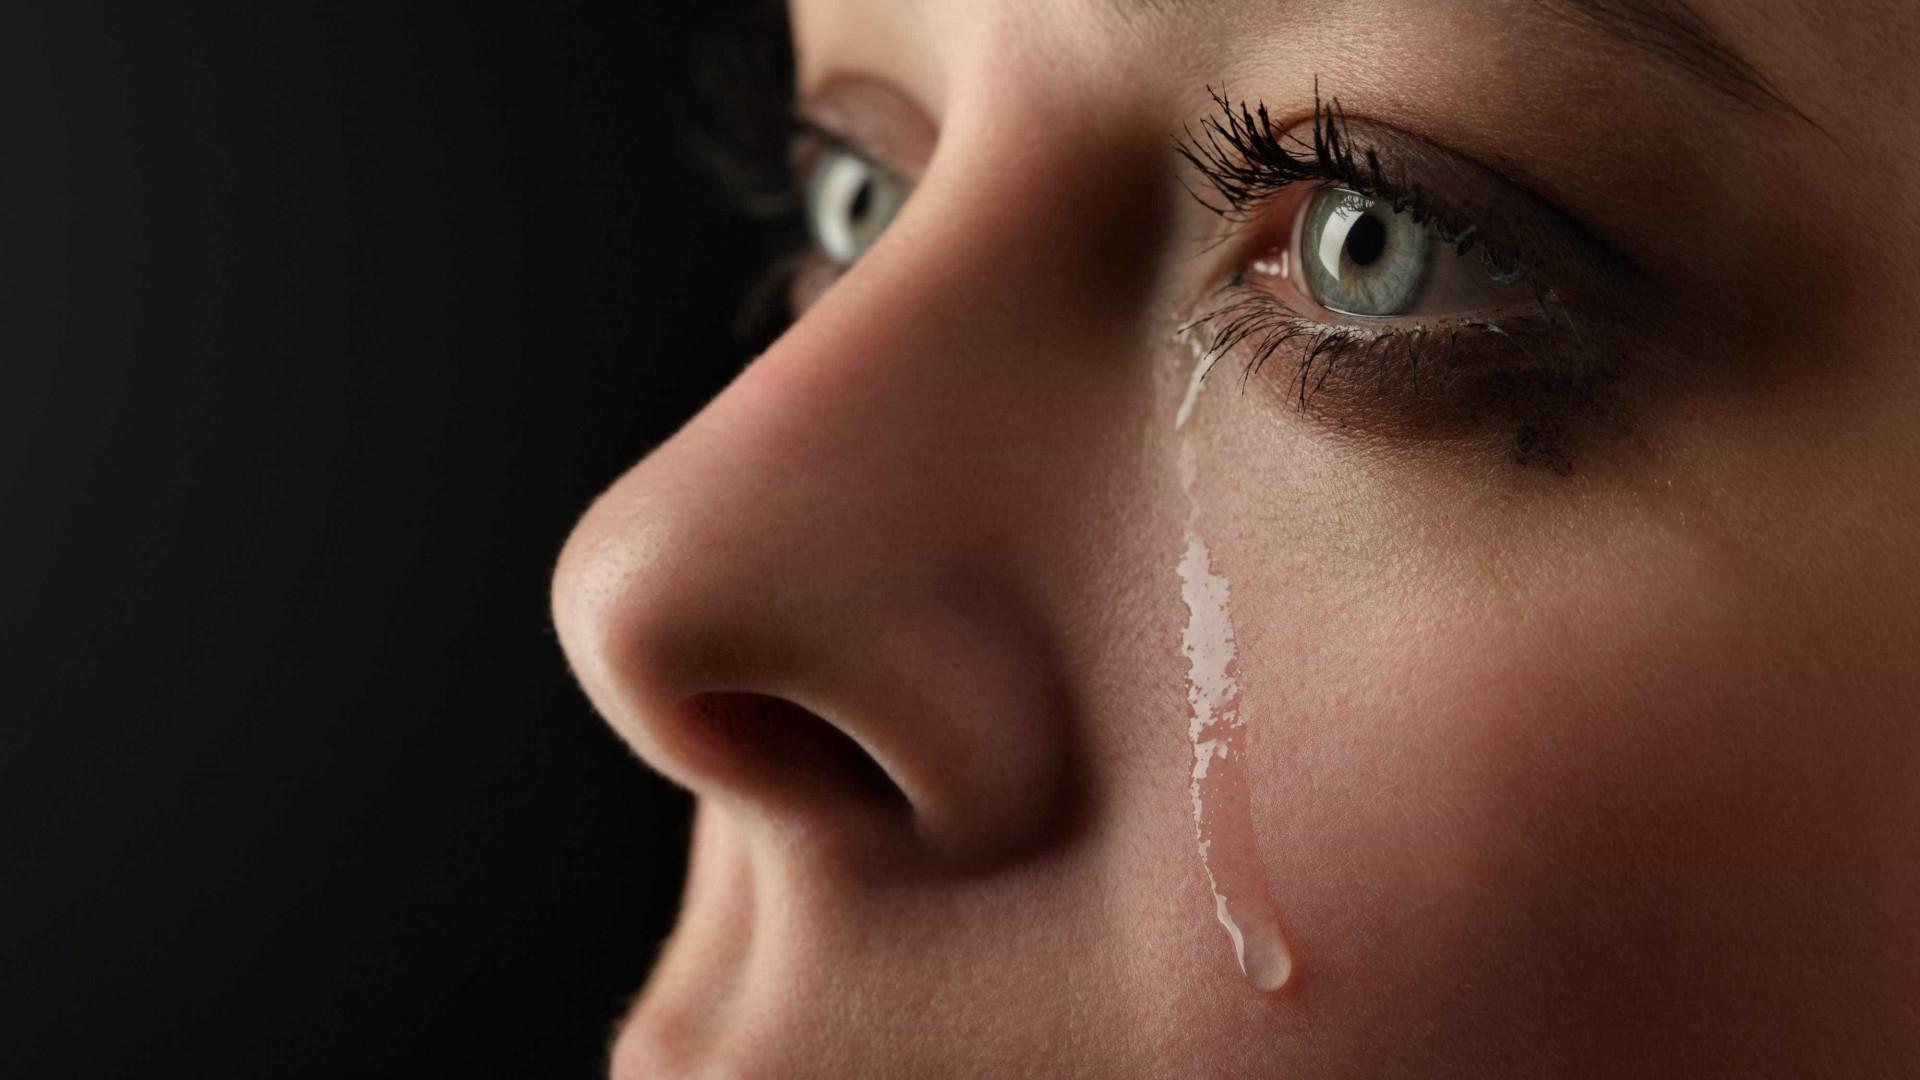 Síndrome de Duane: conheça essa doença rara que afeta os olhos